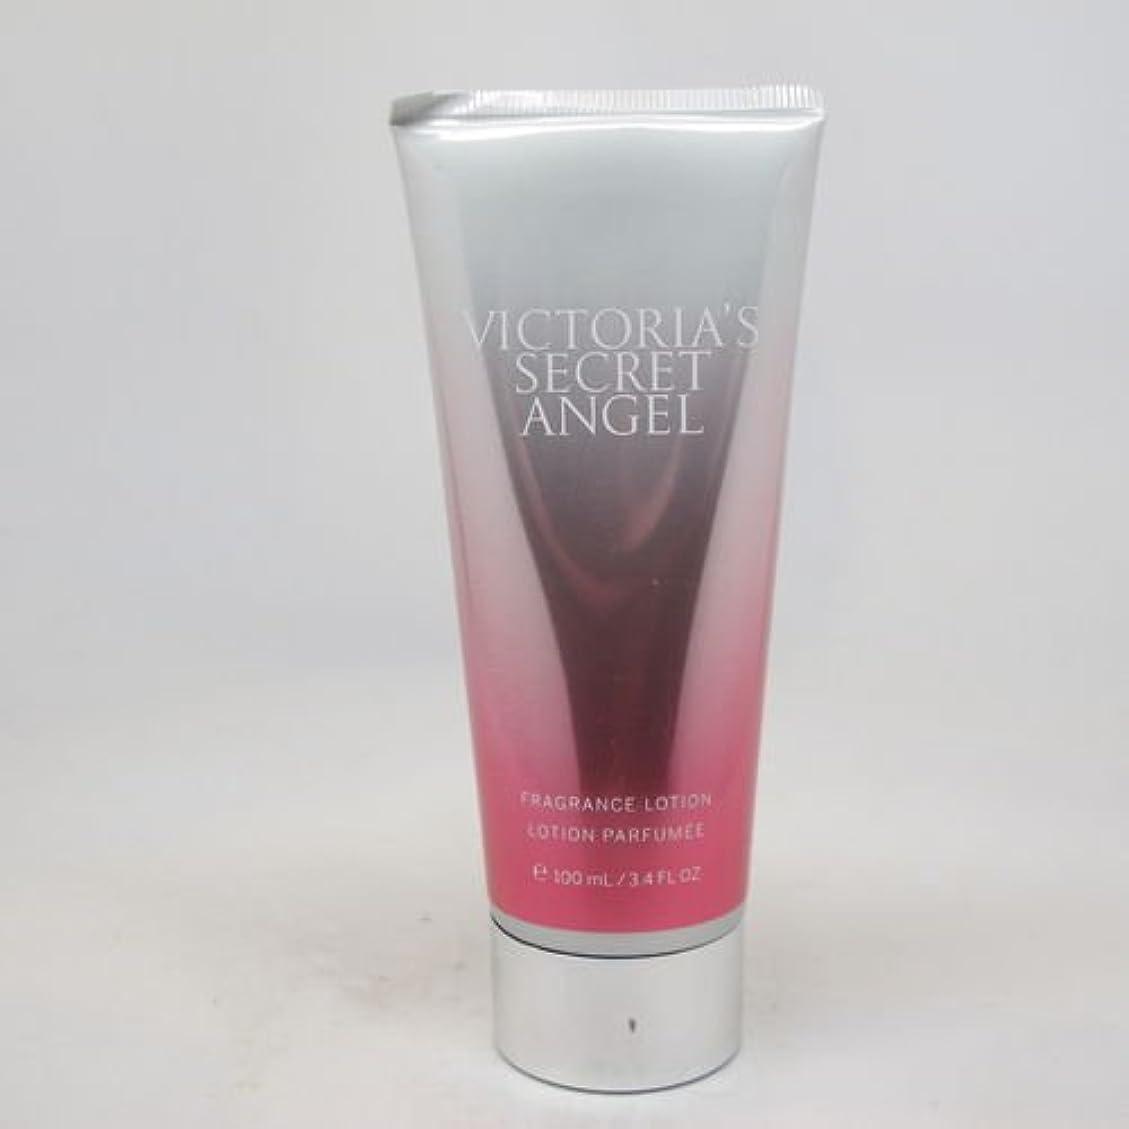 シャッタートレッド姪Victoria's Secret Angel (ヴィクトリアシークレット エンジェル) 3.4 oz (100ml) Body Lotion for Women